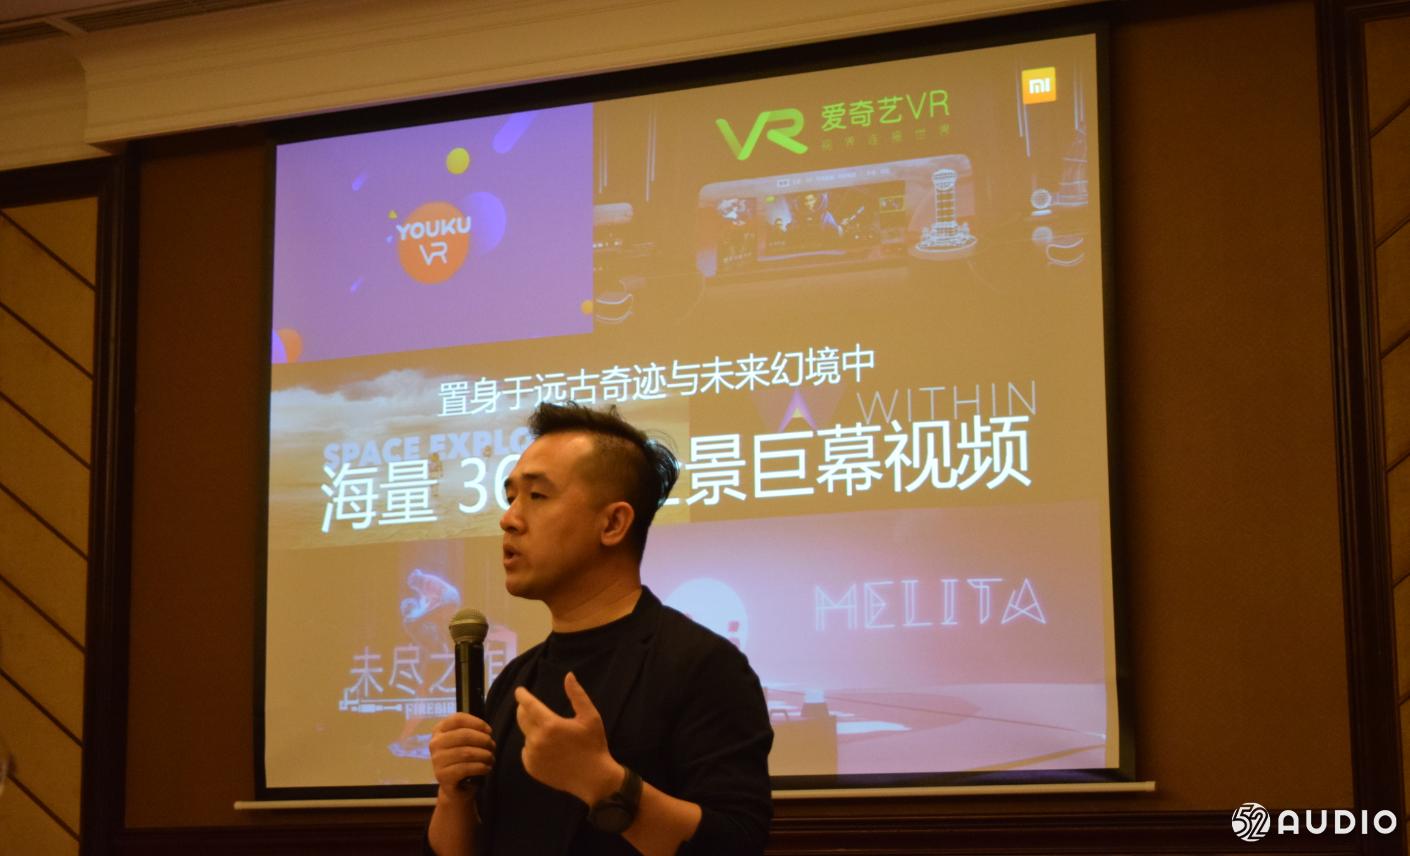 小米与Oculus共同推出小米VR一体机:主机级配置,巨幕体验,海量资源-我爱音频网